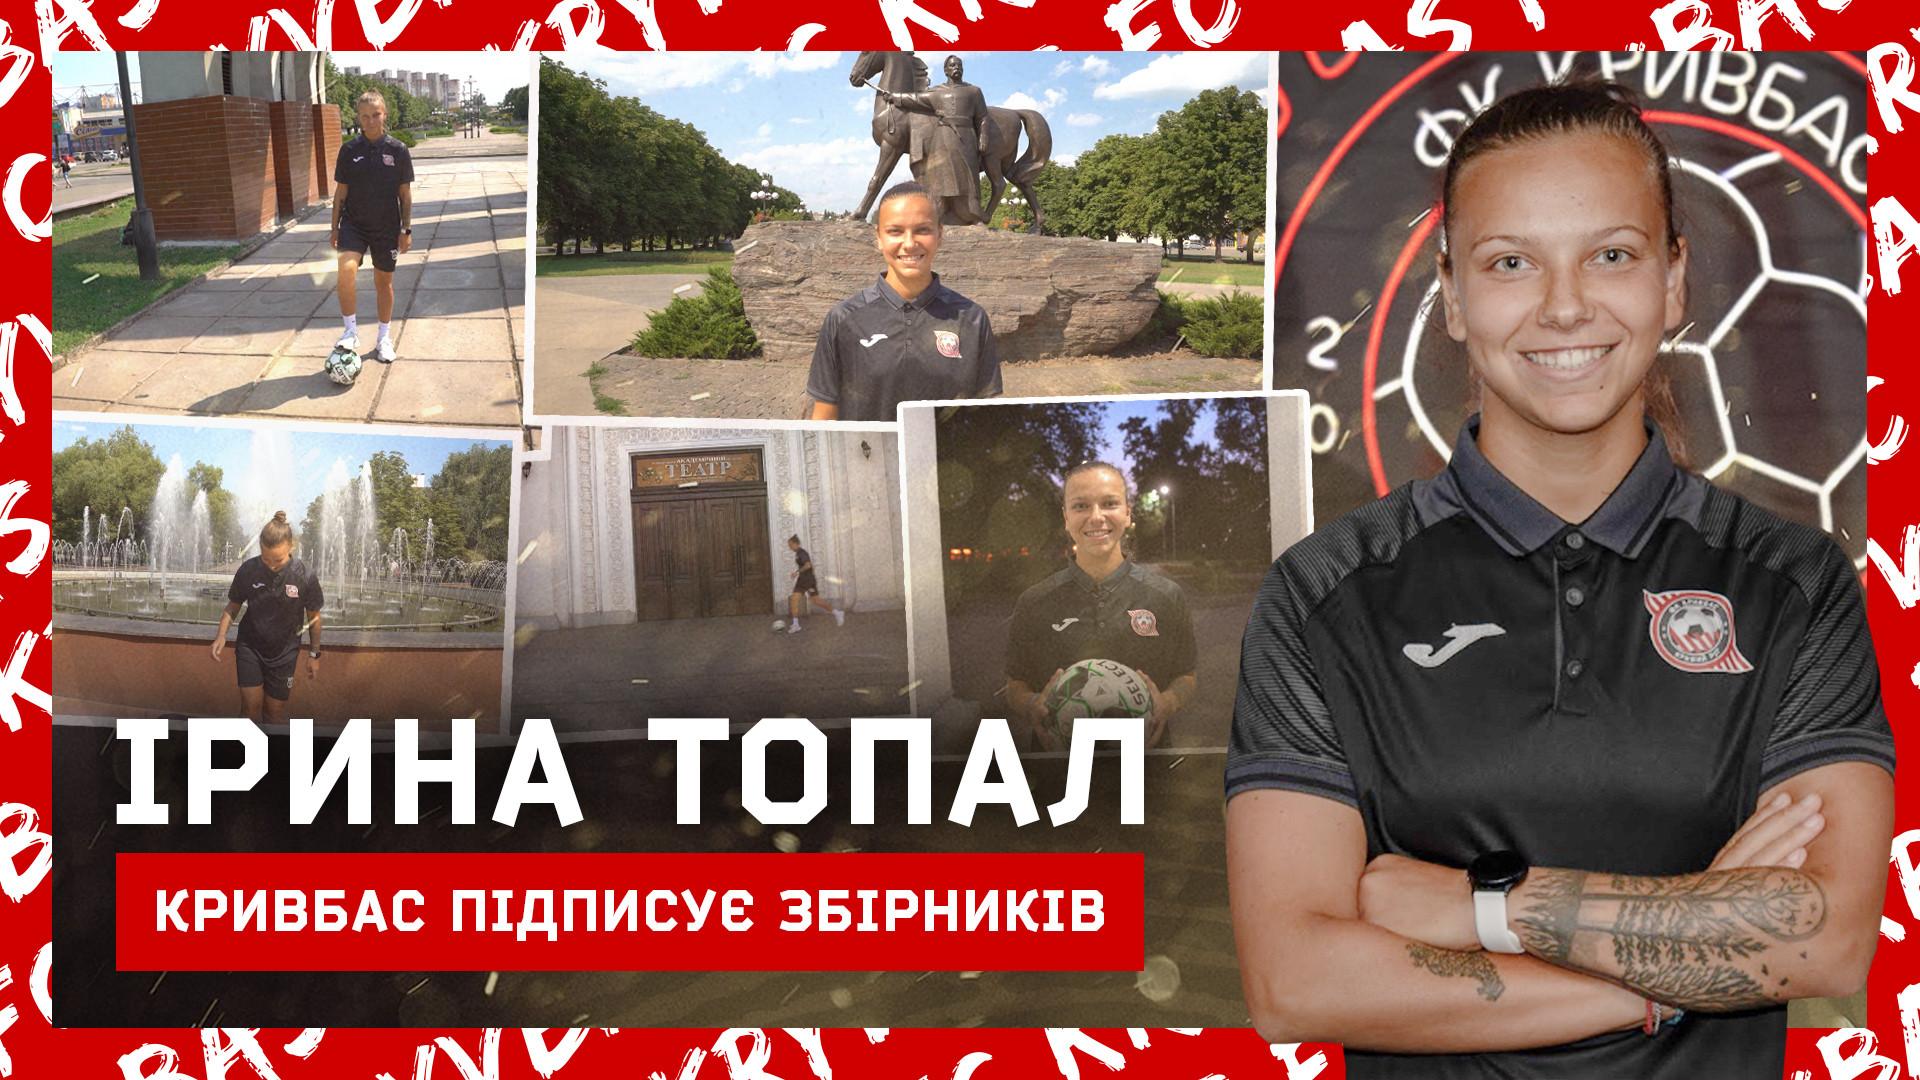 """Ірина Топал - футболістка жіночого ФК """"Кривбас""""}"""